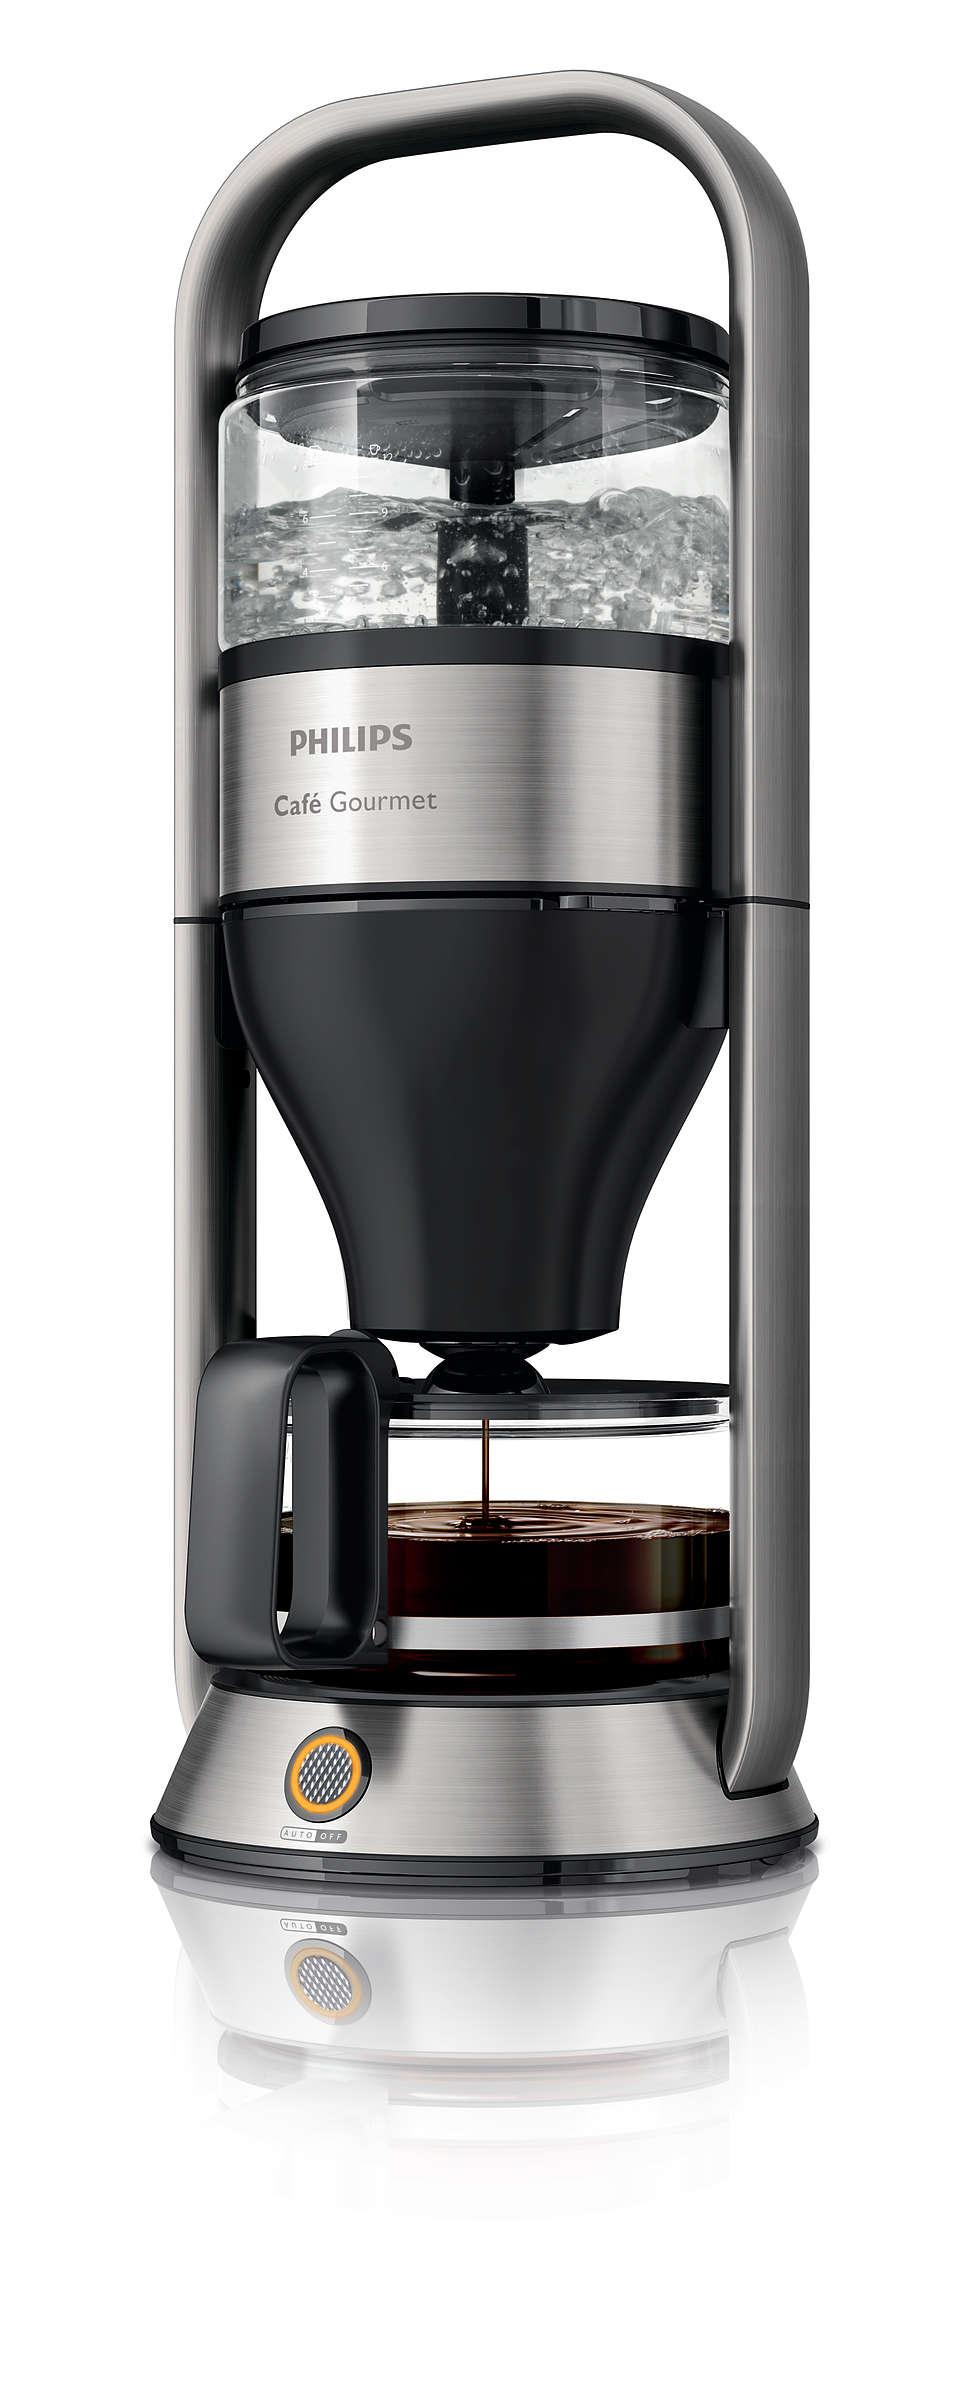 Smaken av välbryggt filterkaffe, sedan 1988